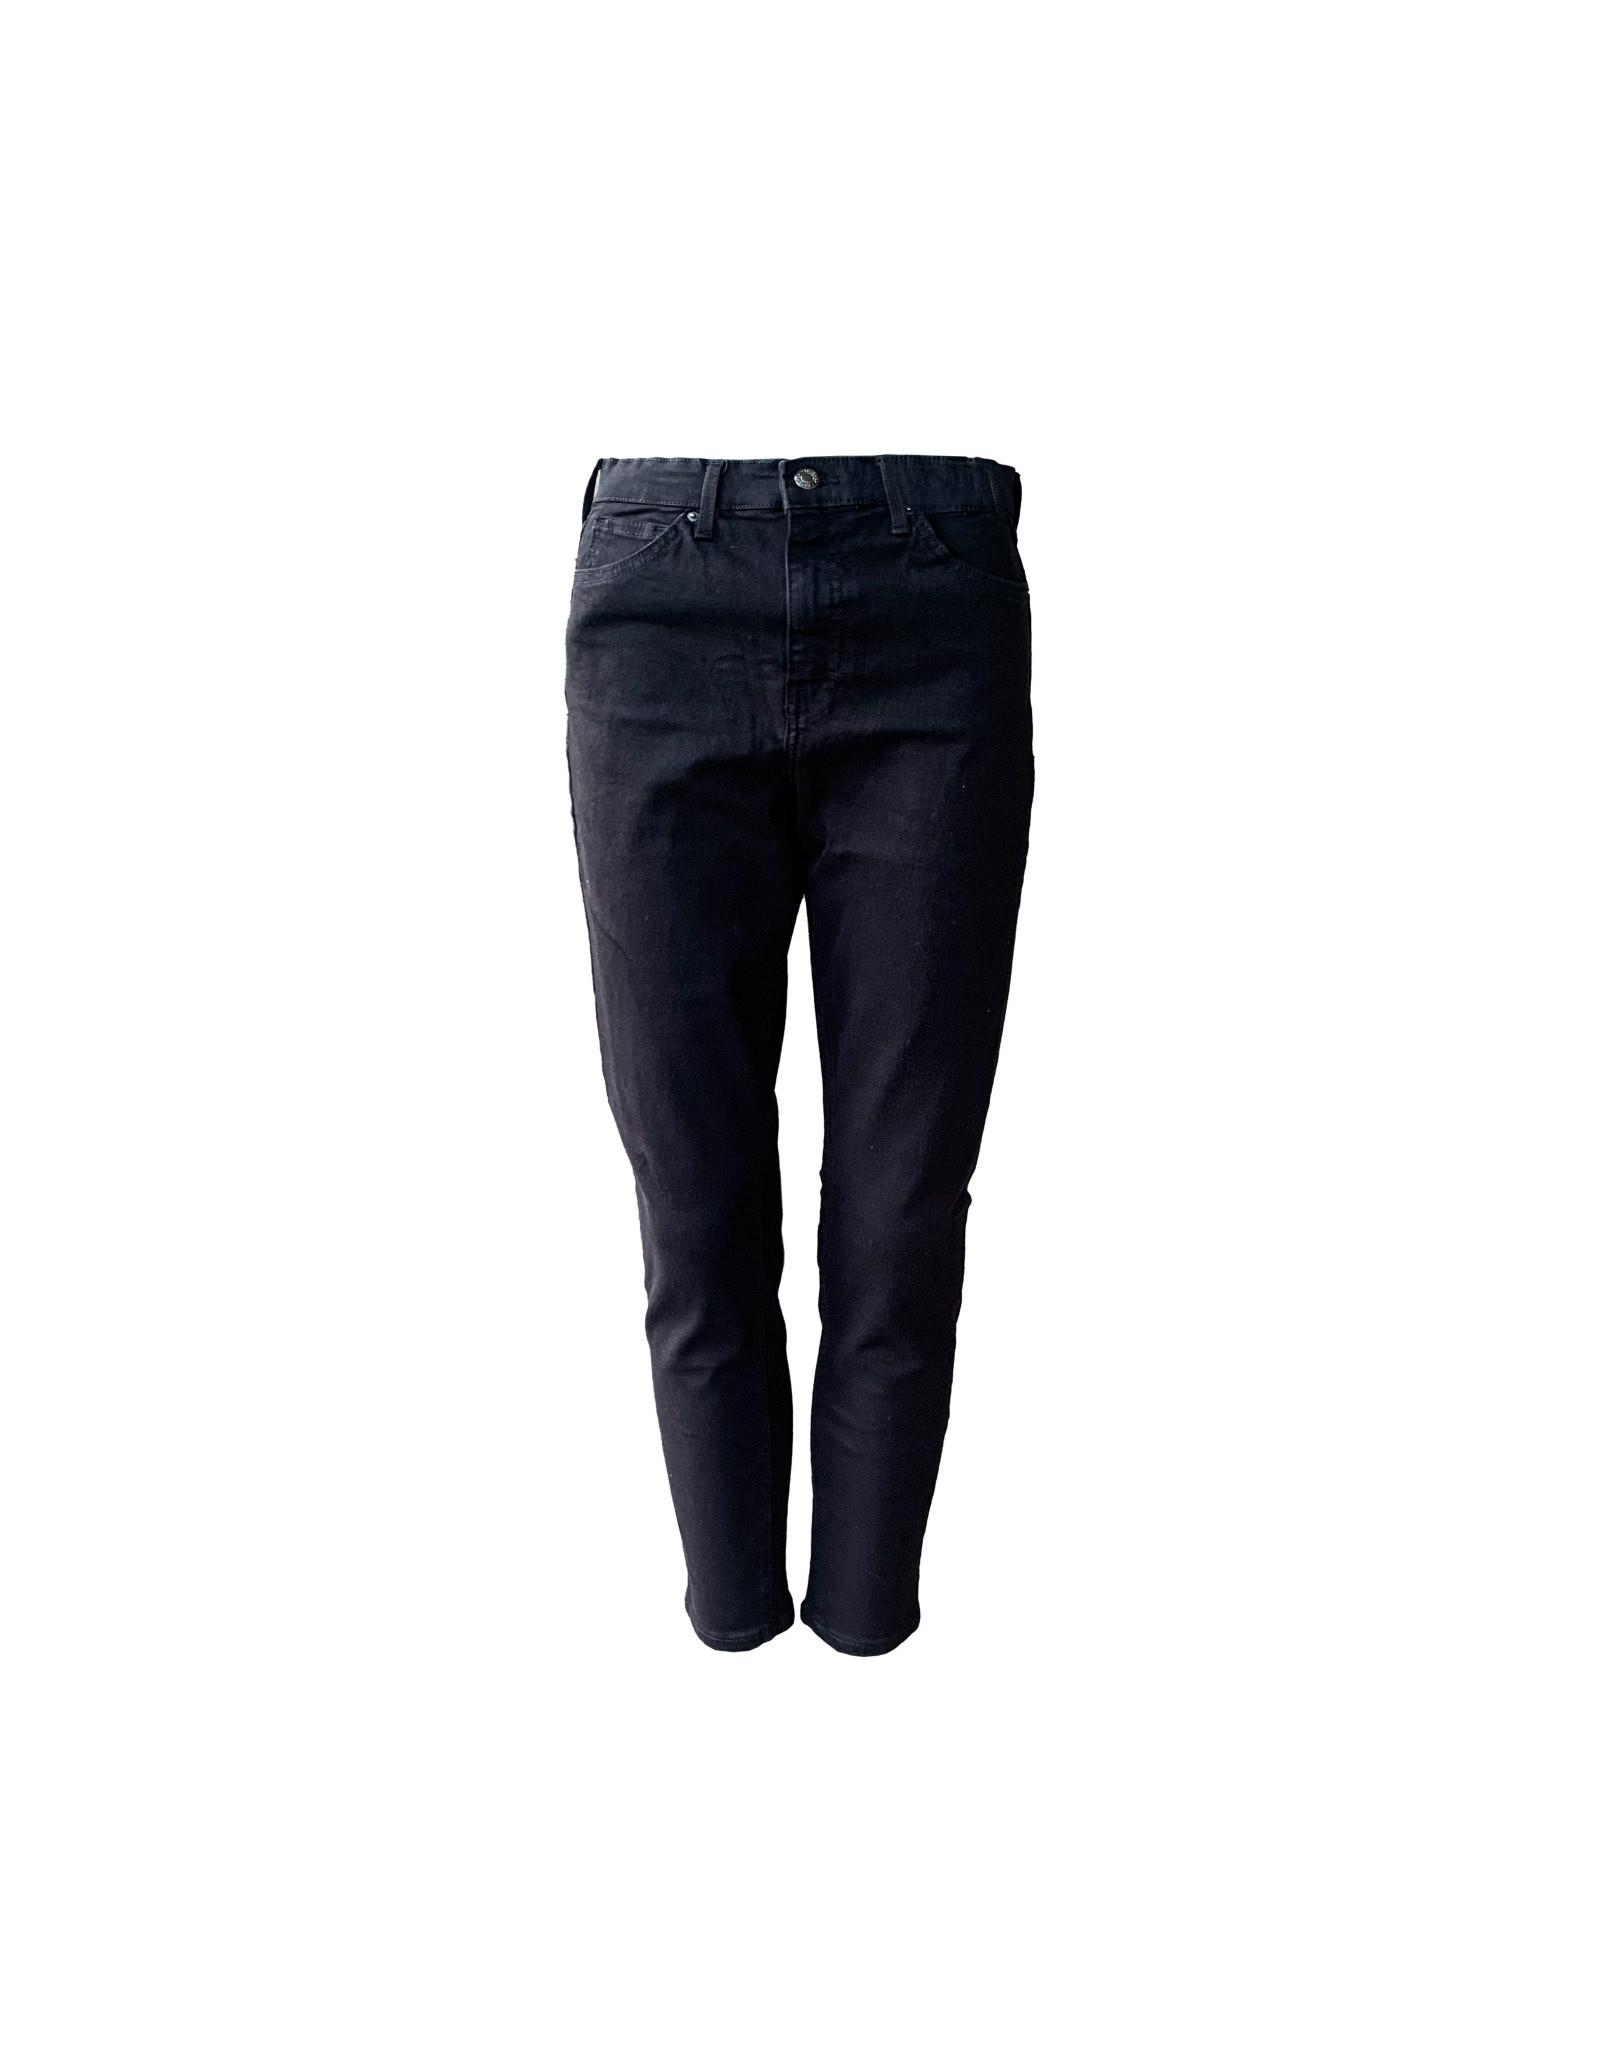 TOPSHOP TOPSHOP Jamie   Black Jeans SizeW 30  L 30